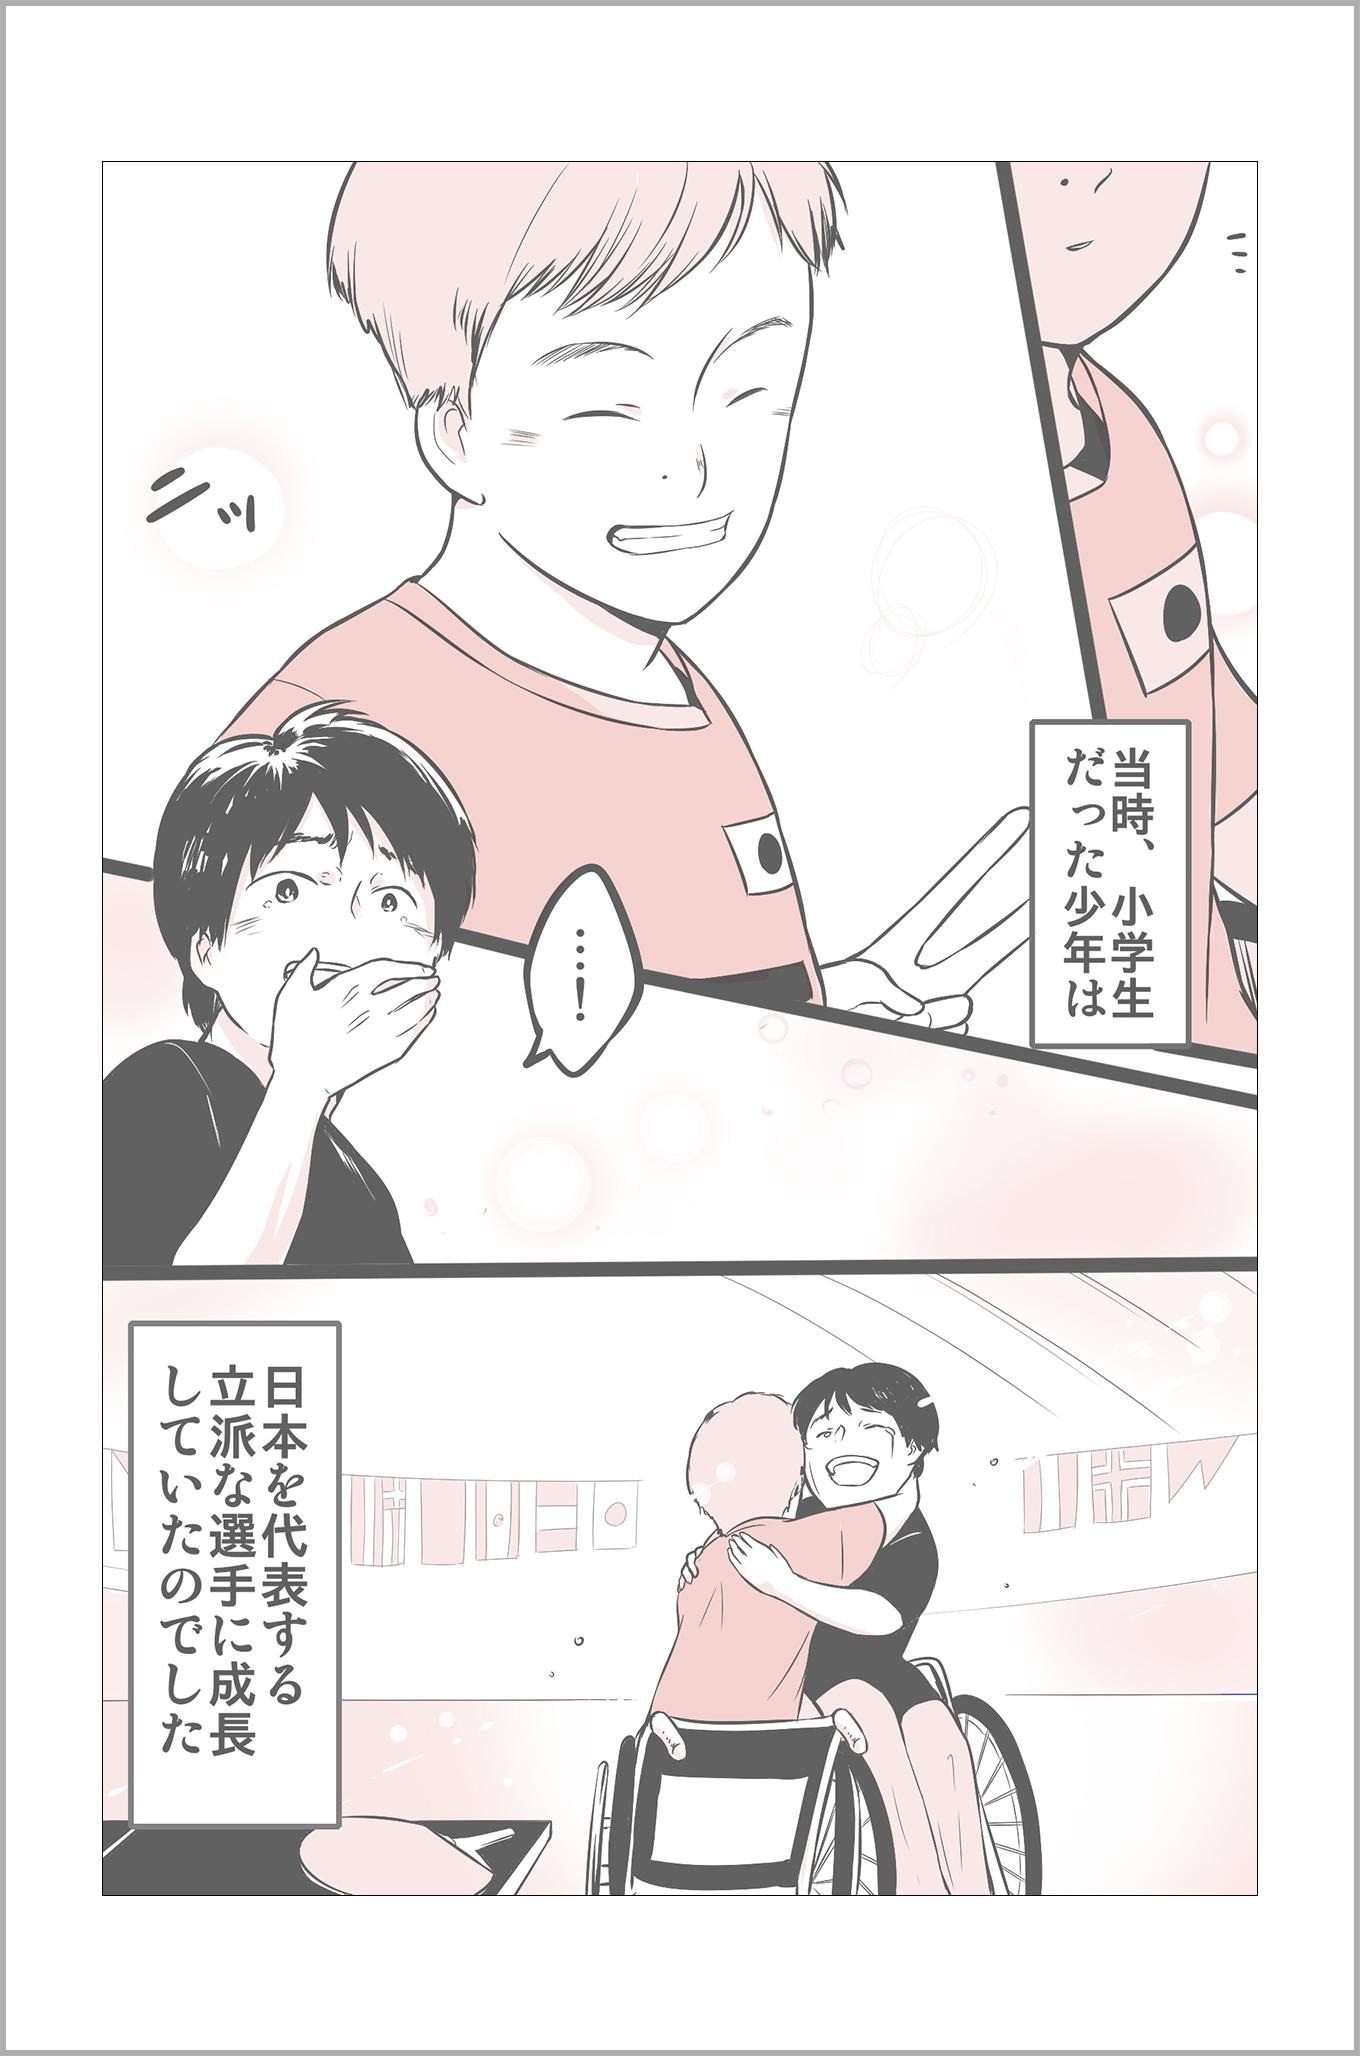 当時、小学生だった少年は日本を代表する立派な選手に成長していたのでした